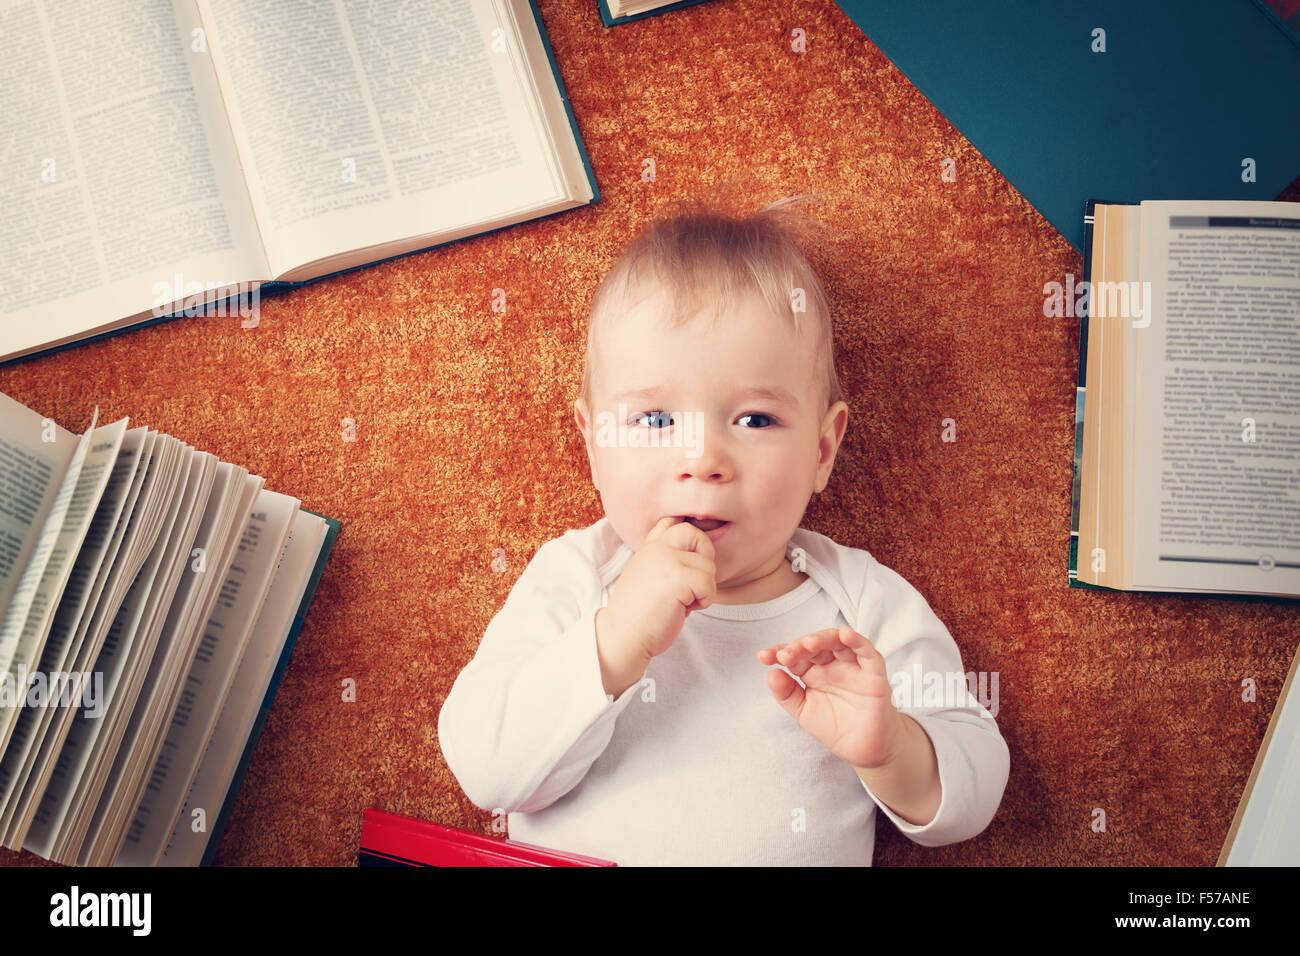 1 Jahr altes Baby mit Büchern Stockbild